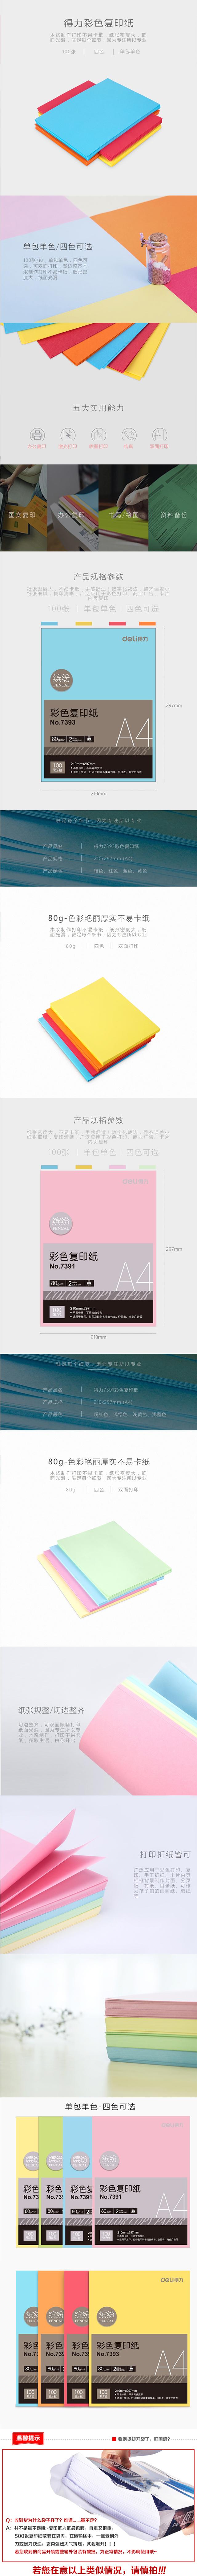 得力A4彩色复印纸80g办公用品批发手工纸80G电脑a4打印彩纸100张-tmall.jpg